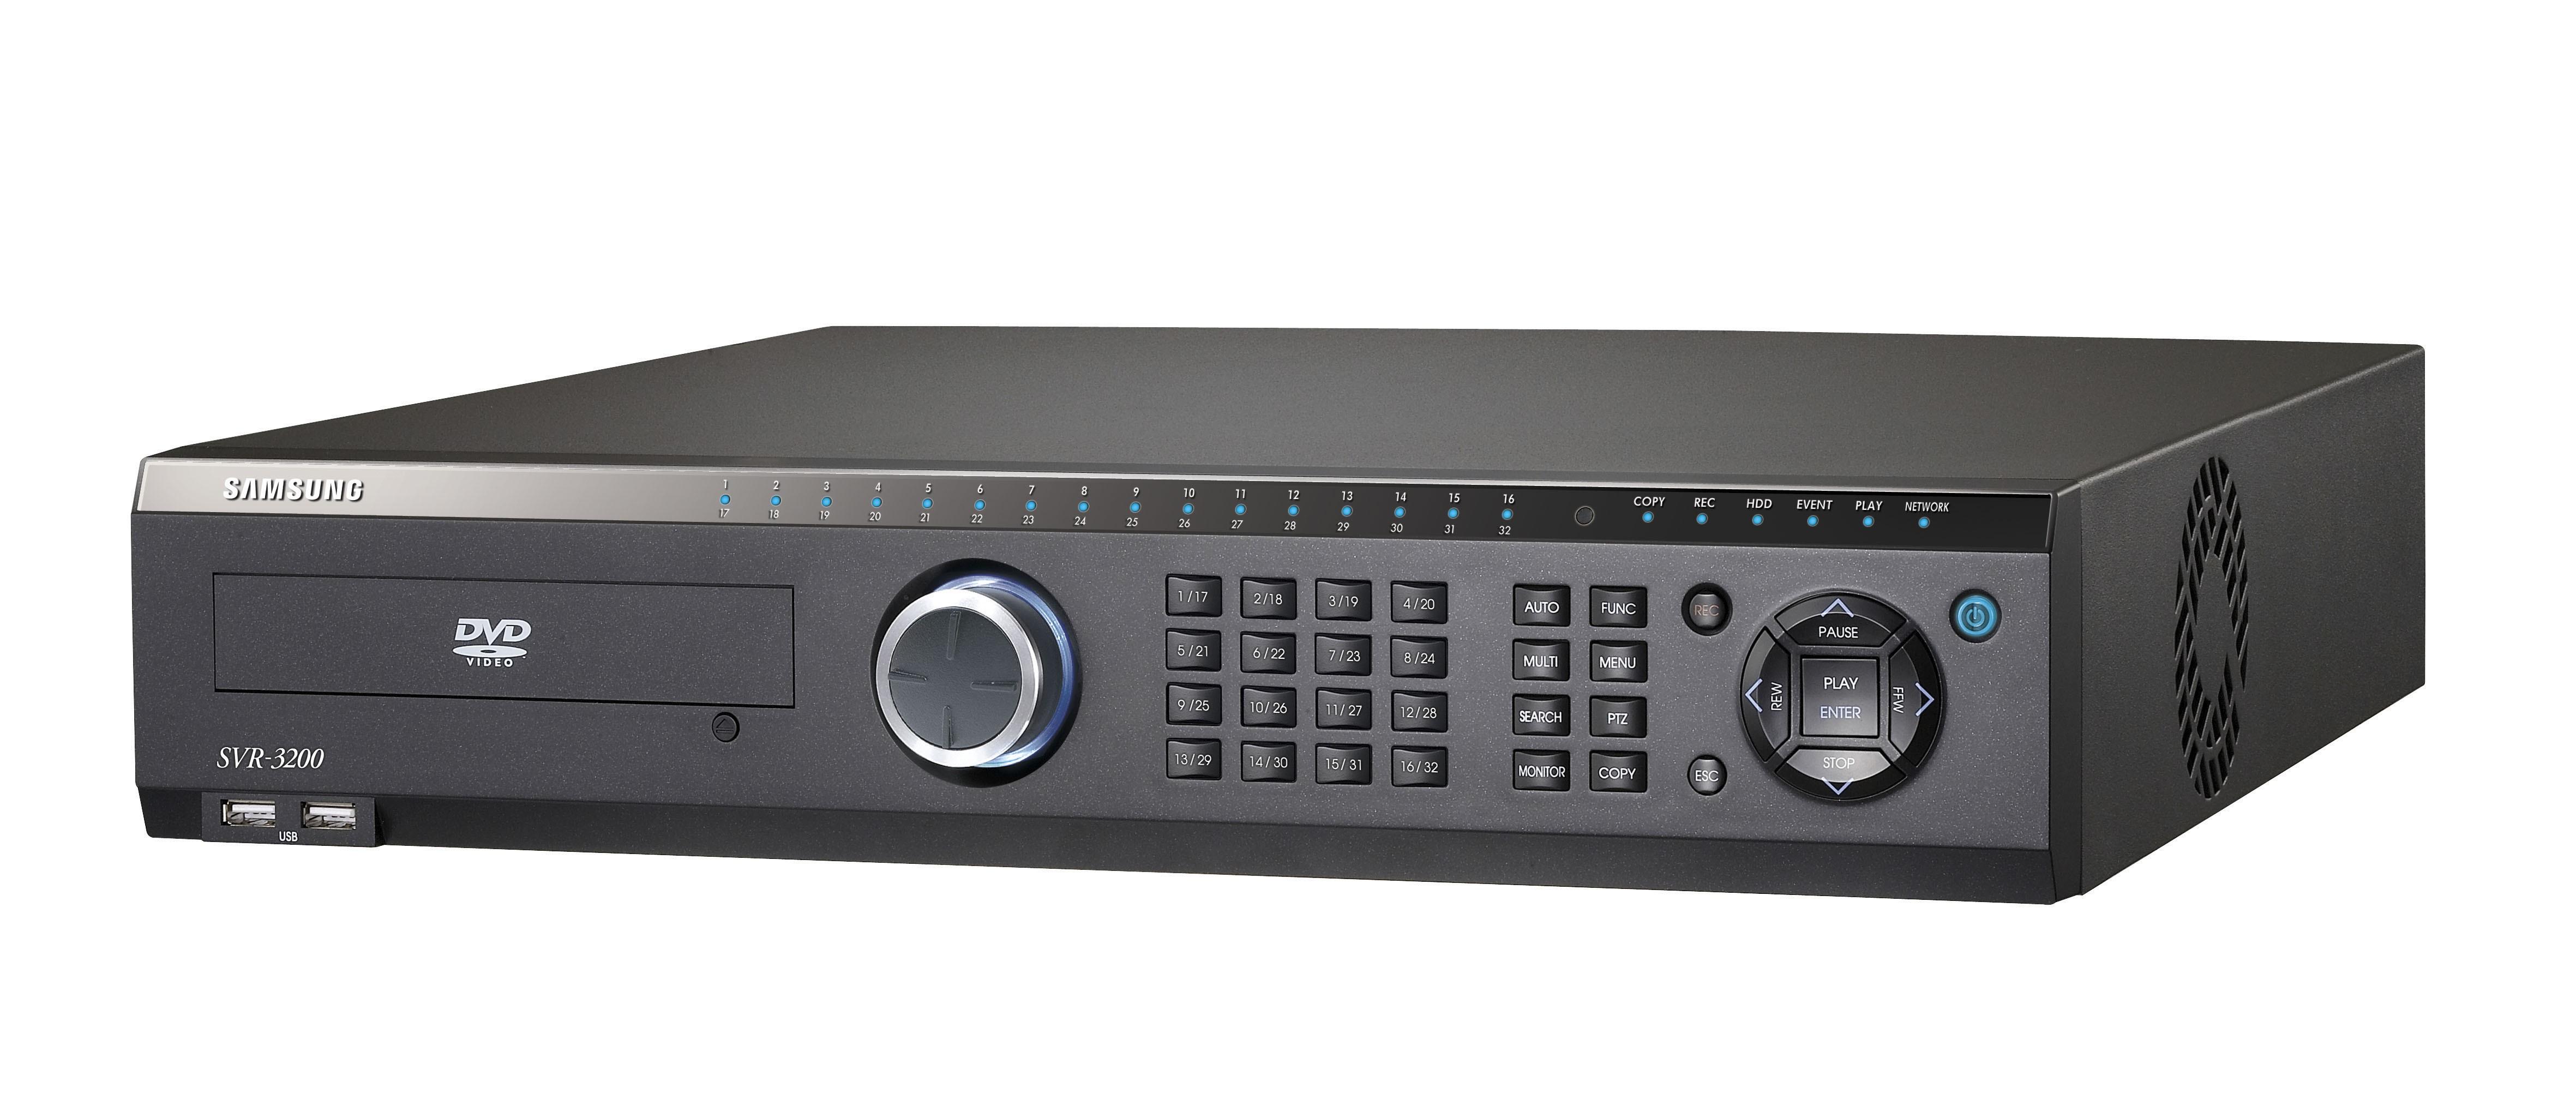 SVR-3200 /SVR3200. Video grabador digital Premium de 32 canales, 960fps(N) en tiempo real verdadero, 800fps(P) D1, MPEG-4, Imagen de alta resolución, 4 HDDs SATA internos, Puertos USB, 16 CH audio.